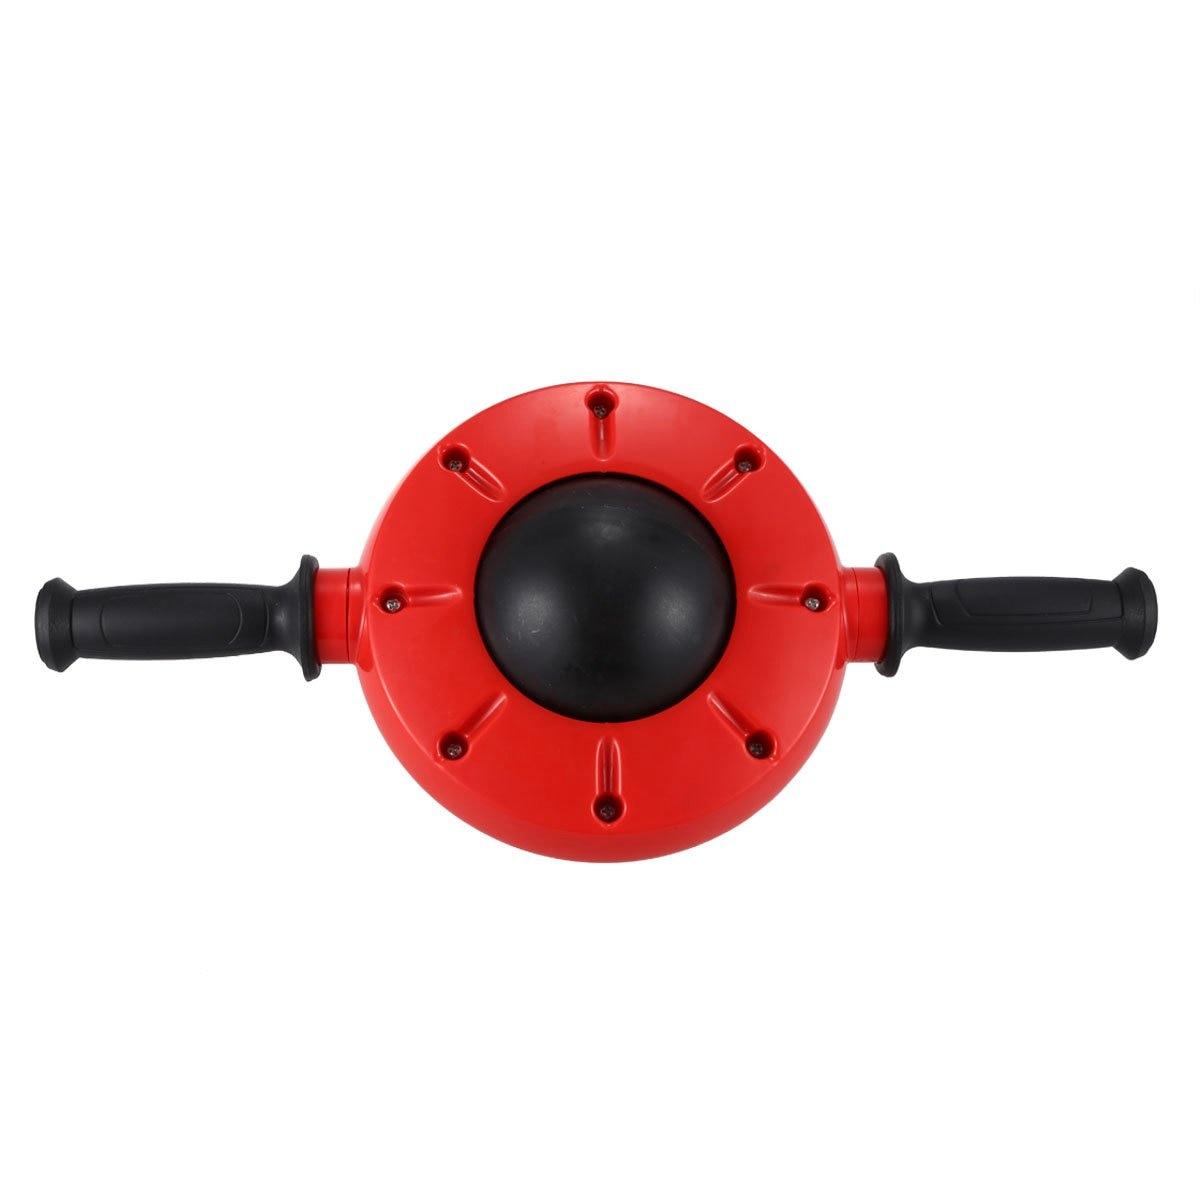 360 grados hogar AB rueda de rodillo para Core estómago Abdominal ejercicio entrenamiento-Rojo